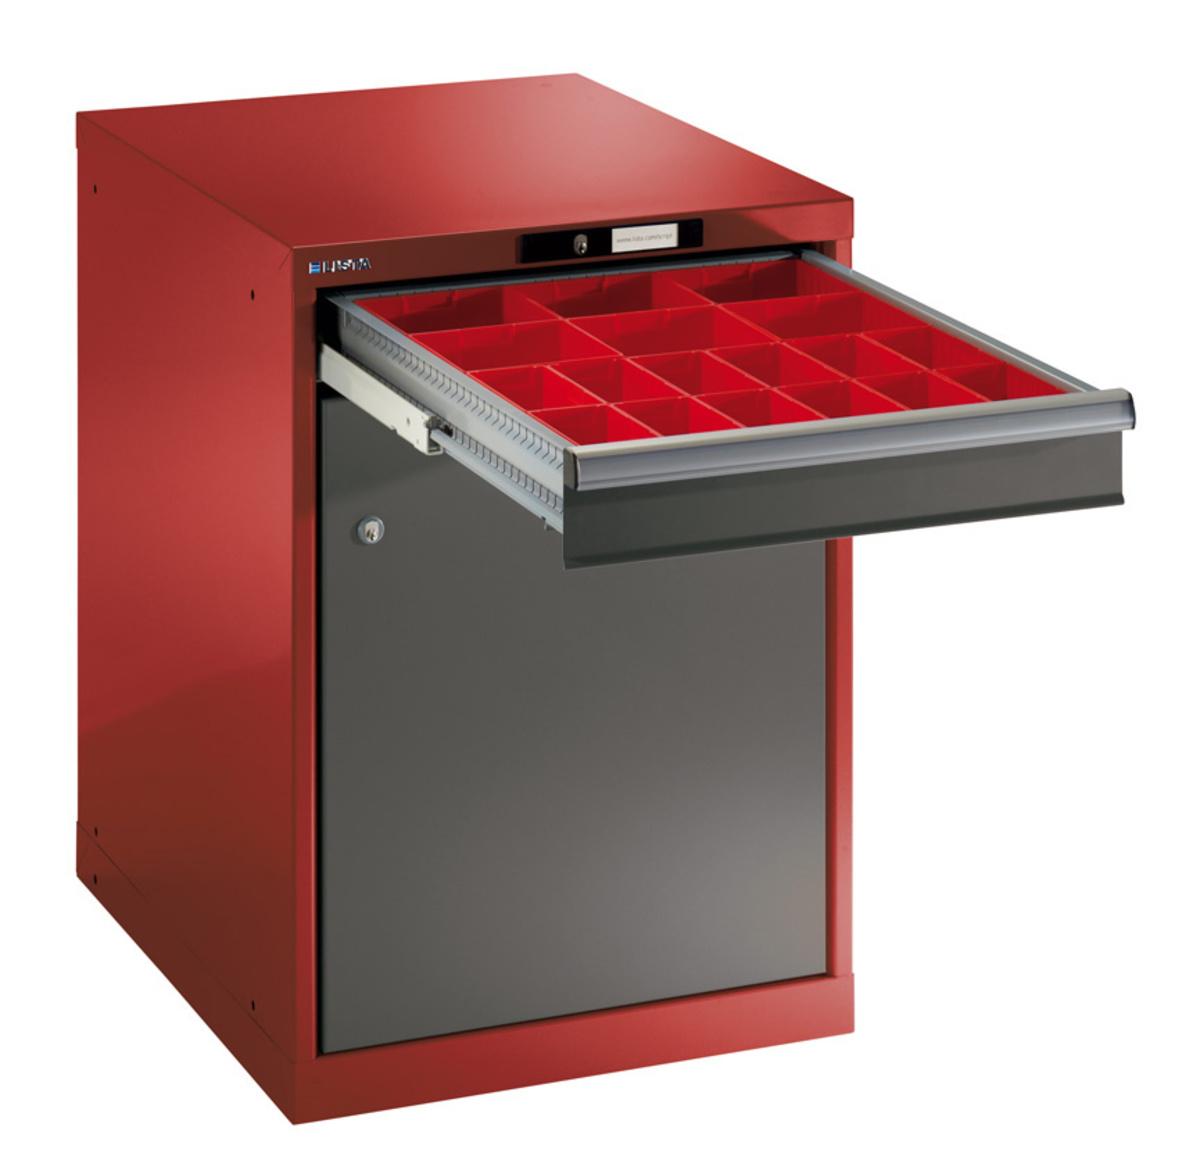 Lista Schubladenschrank, 27x36E, 1 Schublade - Höhe: 100 mm und 1 ...